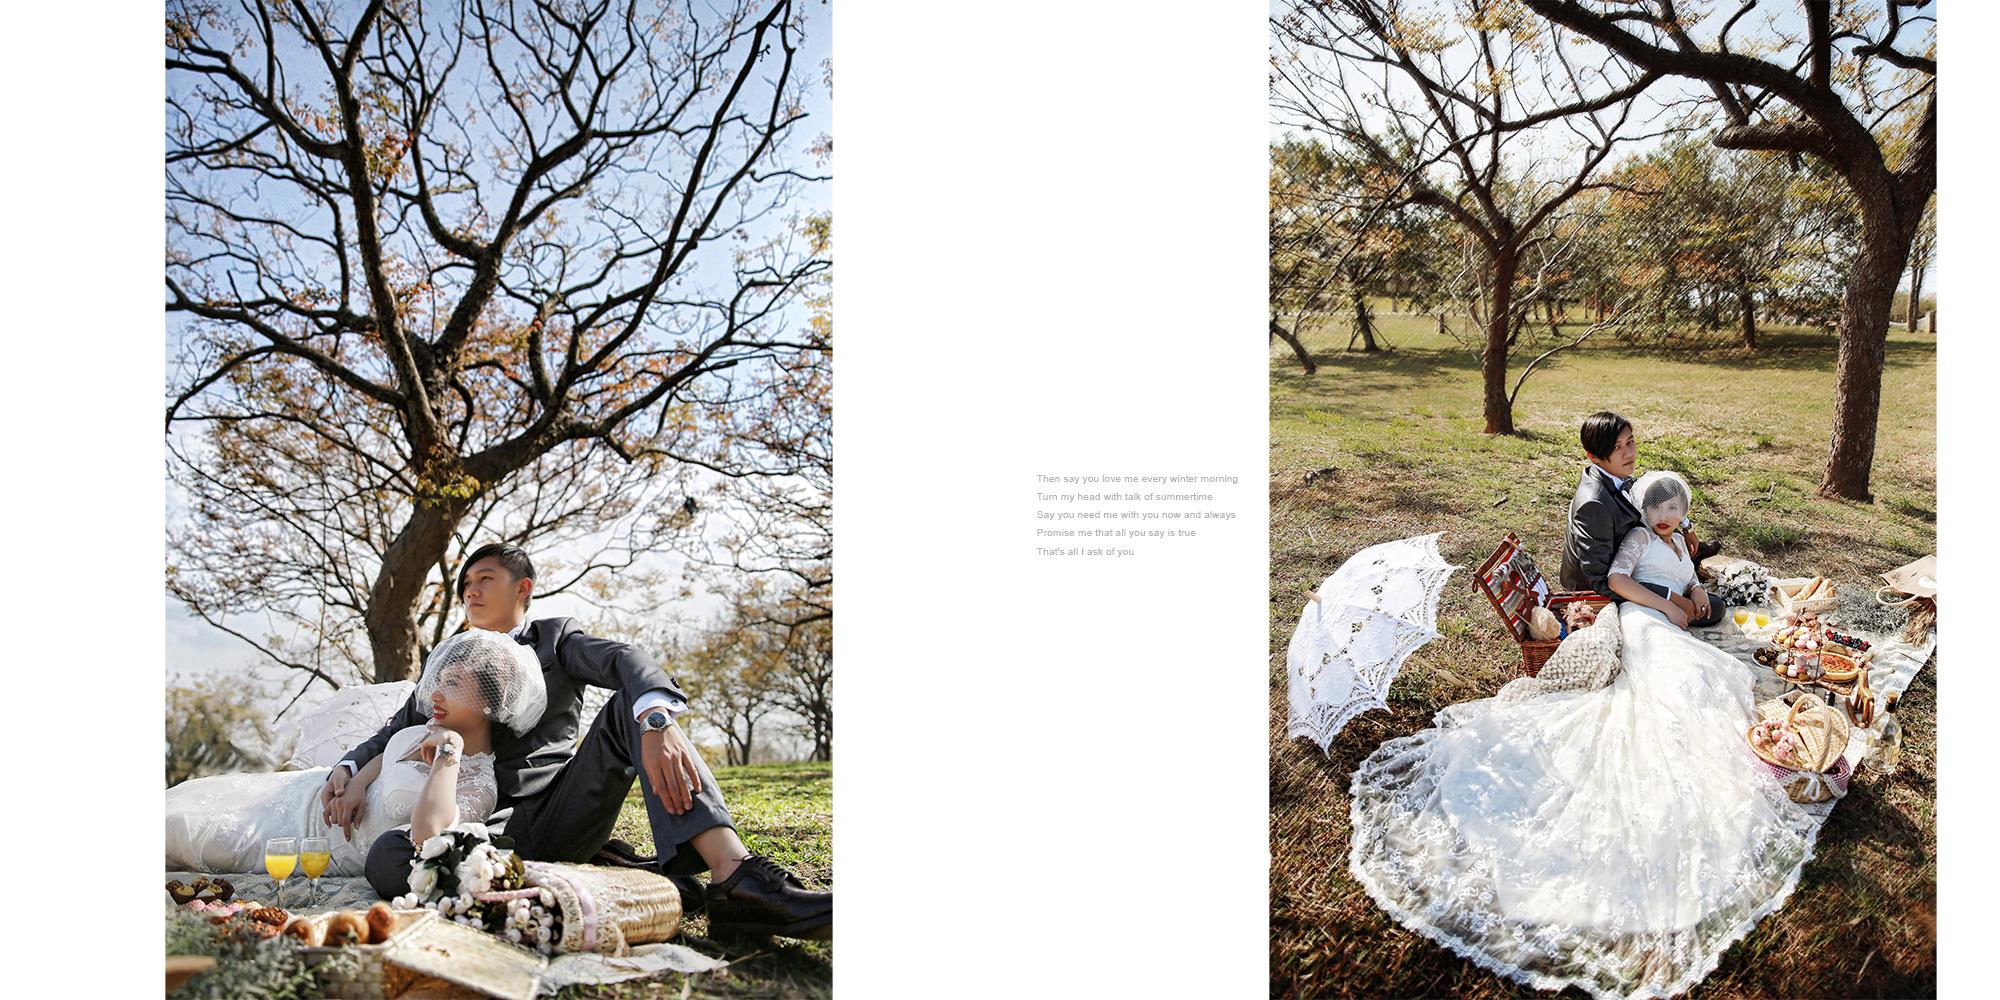 9.貴族下午茶野餐風格婚紗